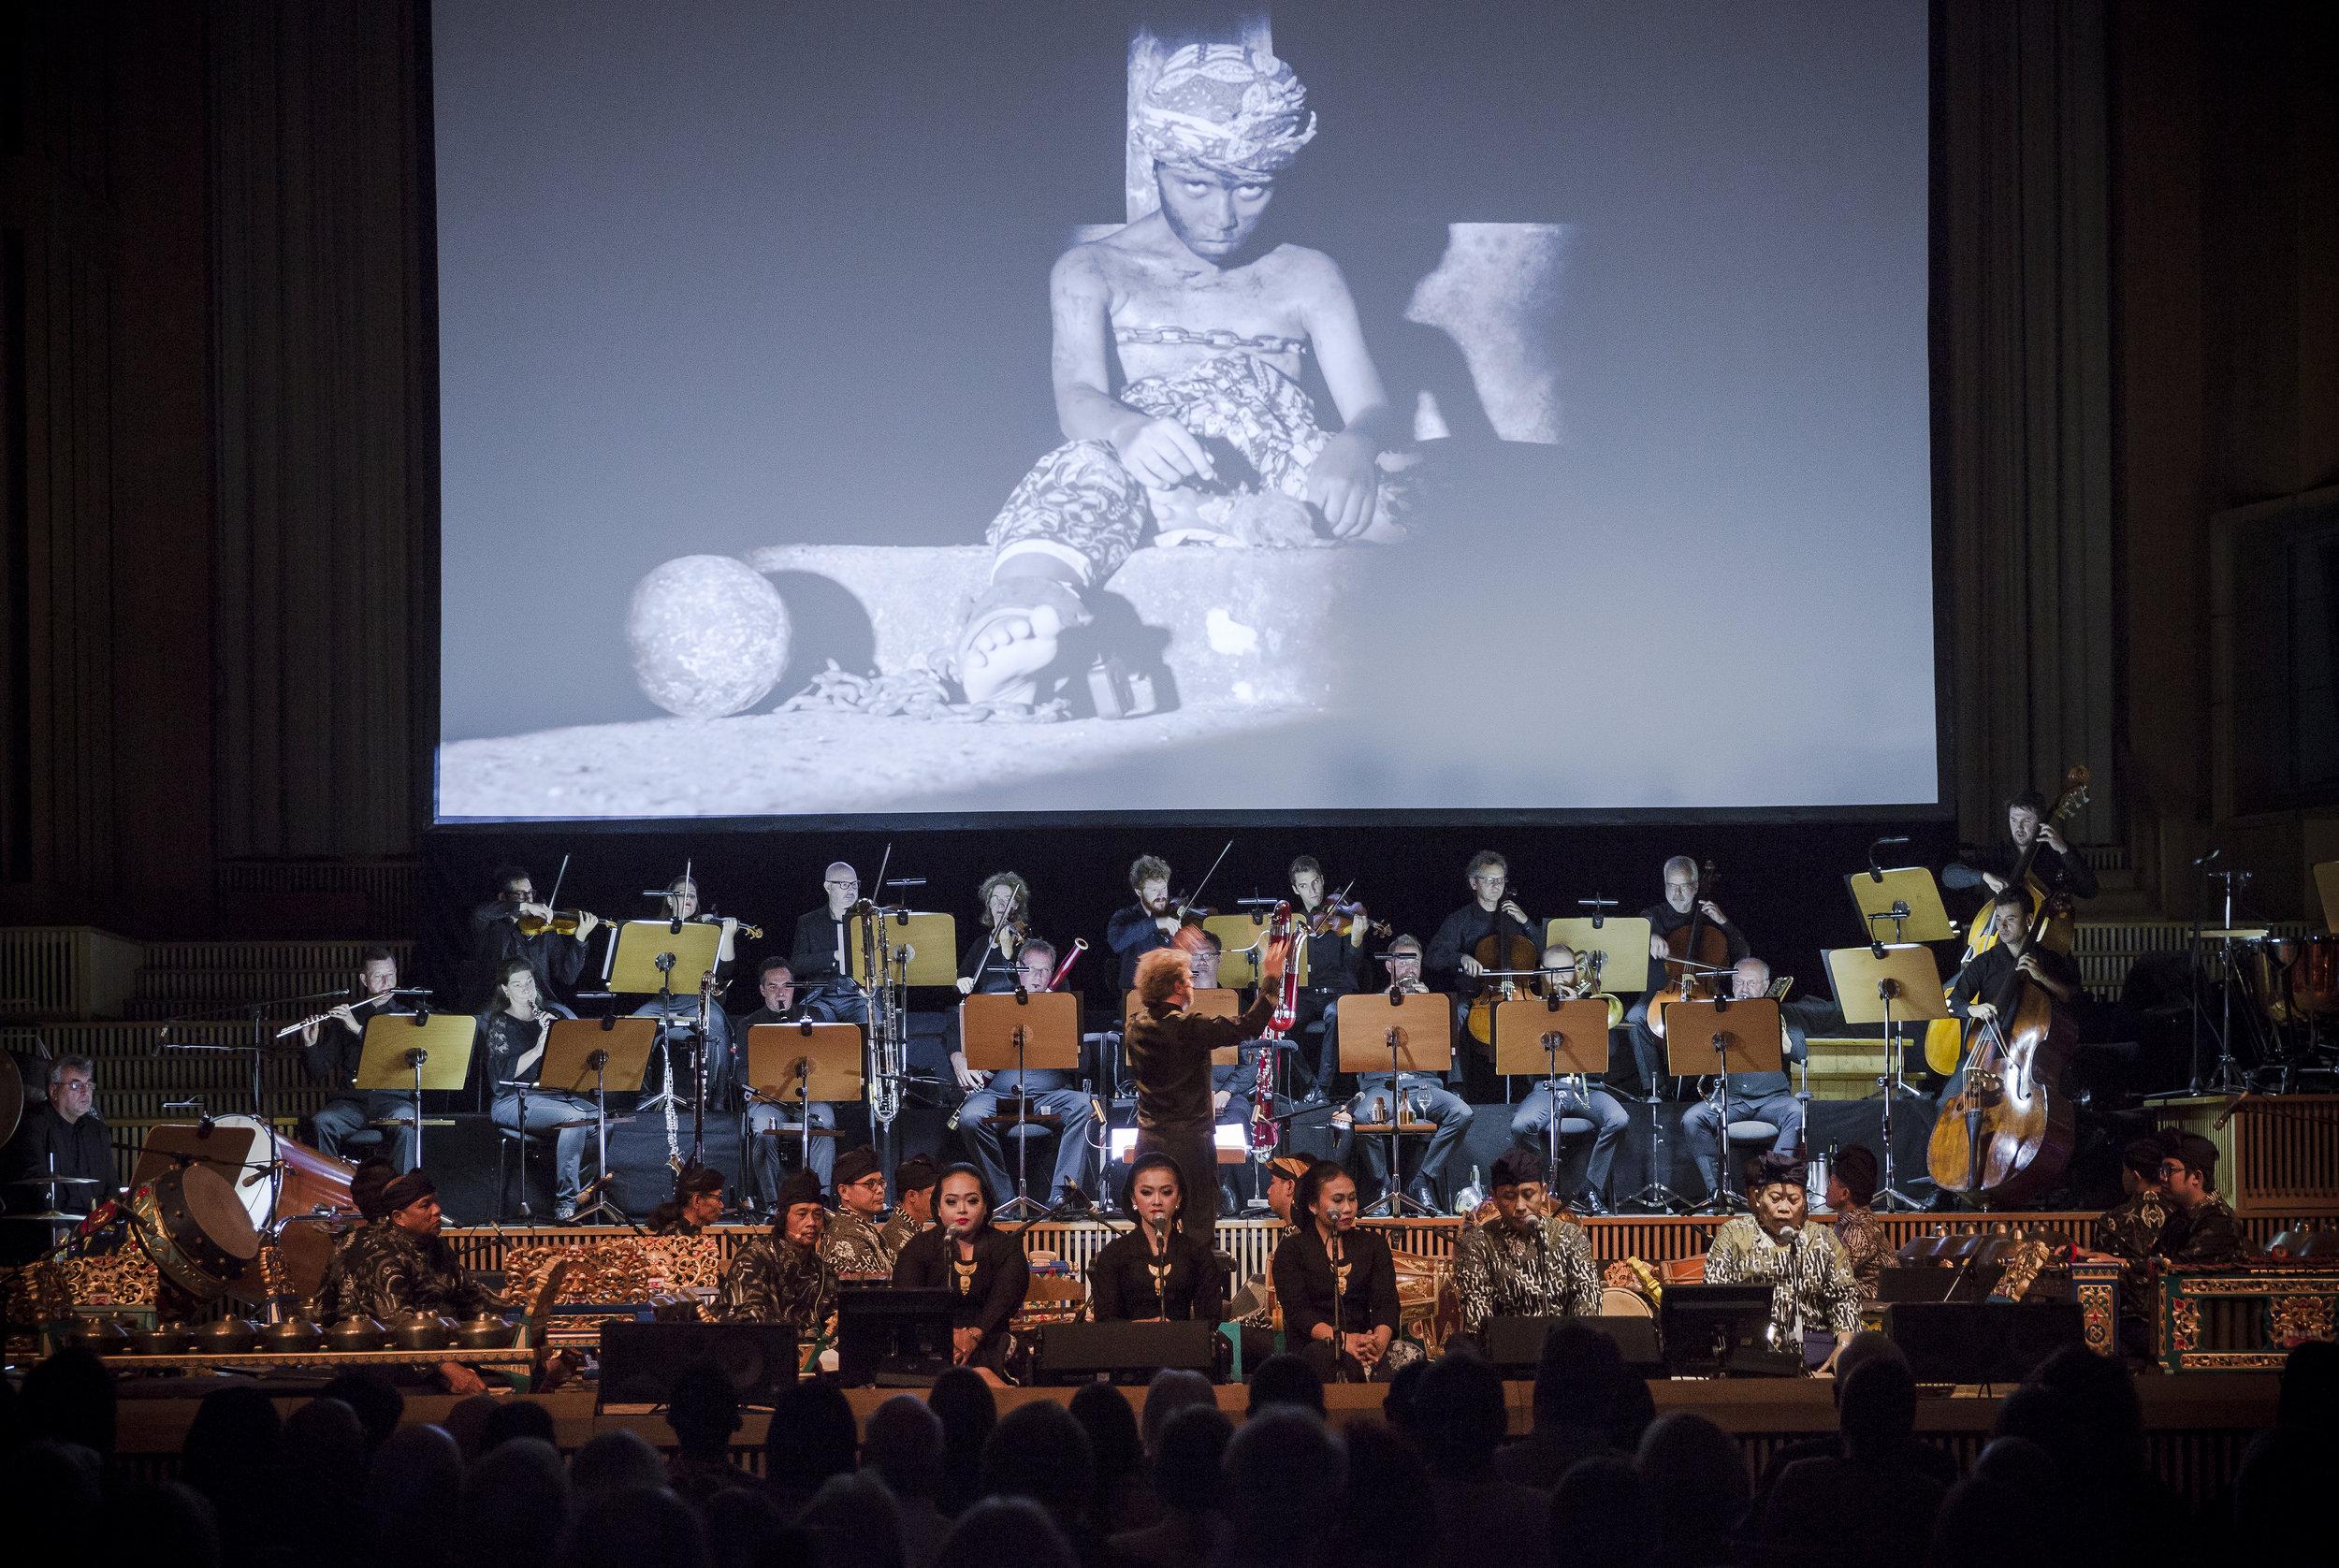 Photo courtesy of Stiftung Humboldt Forum im Berliner Schloss/David von Becker